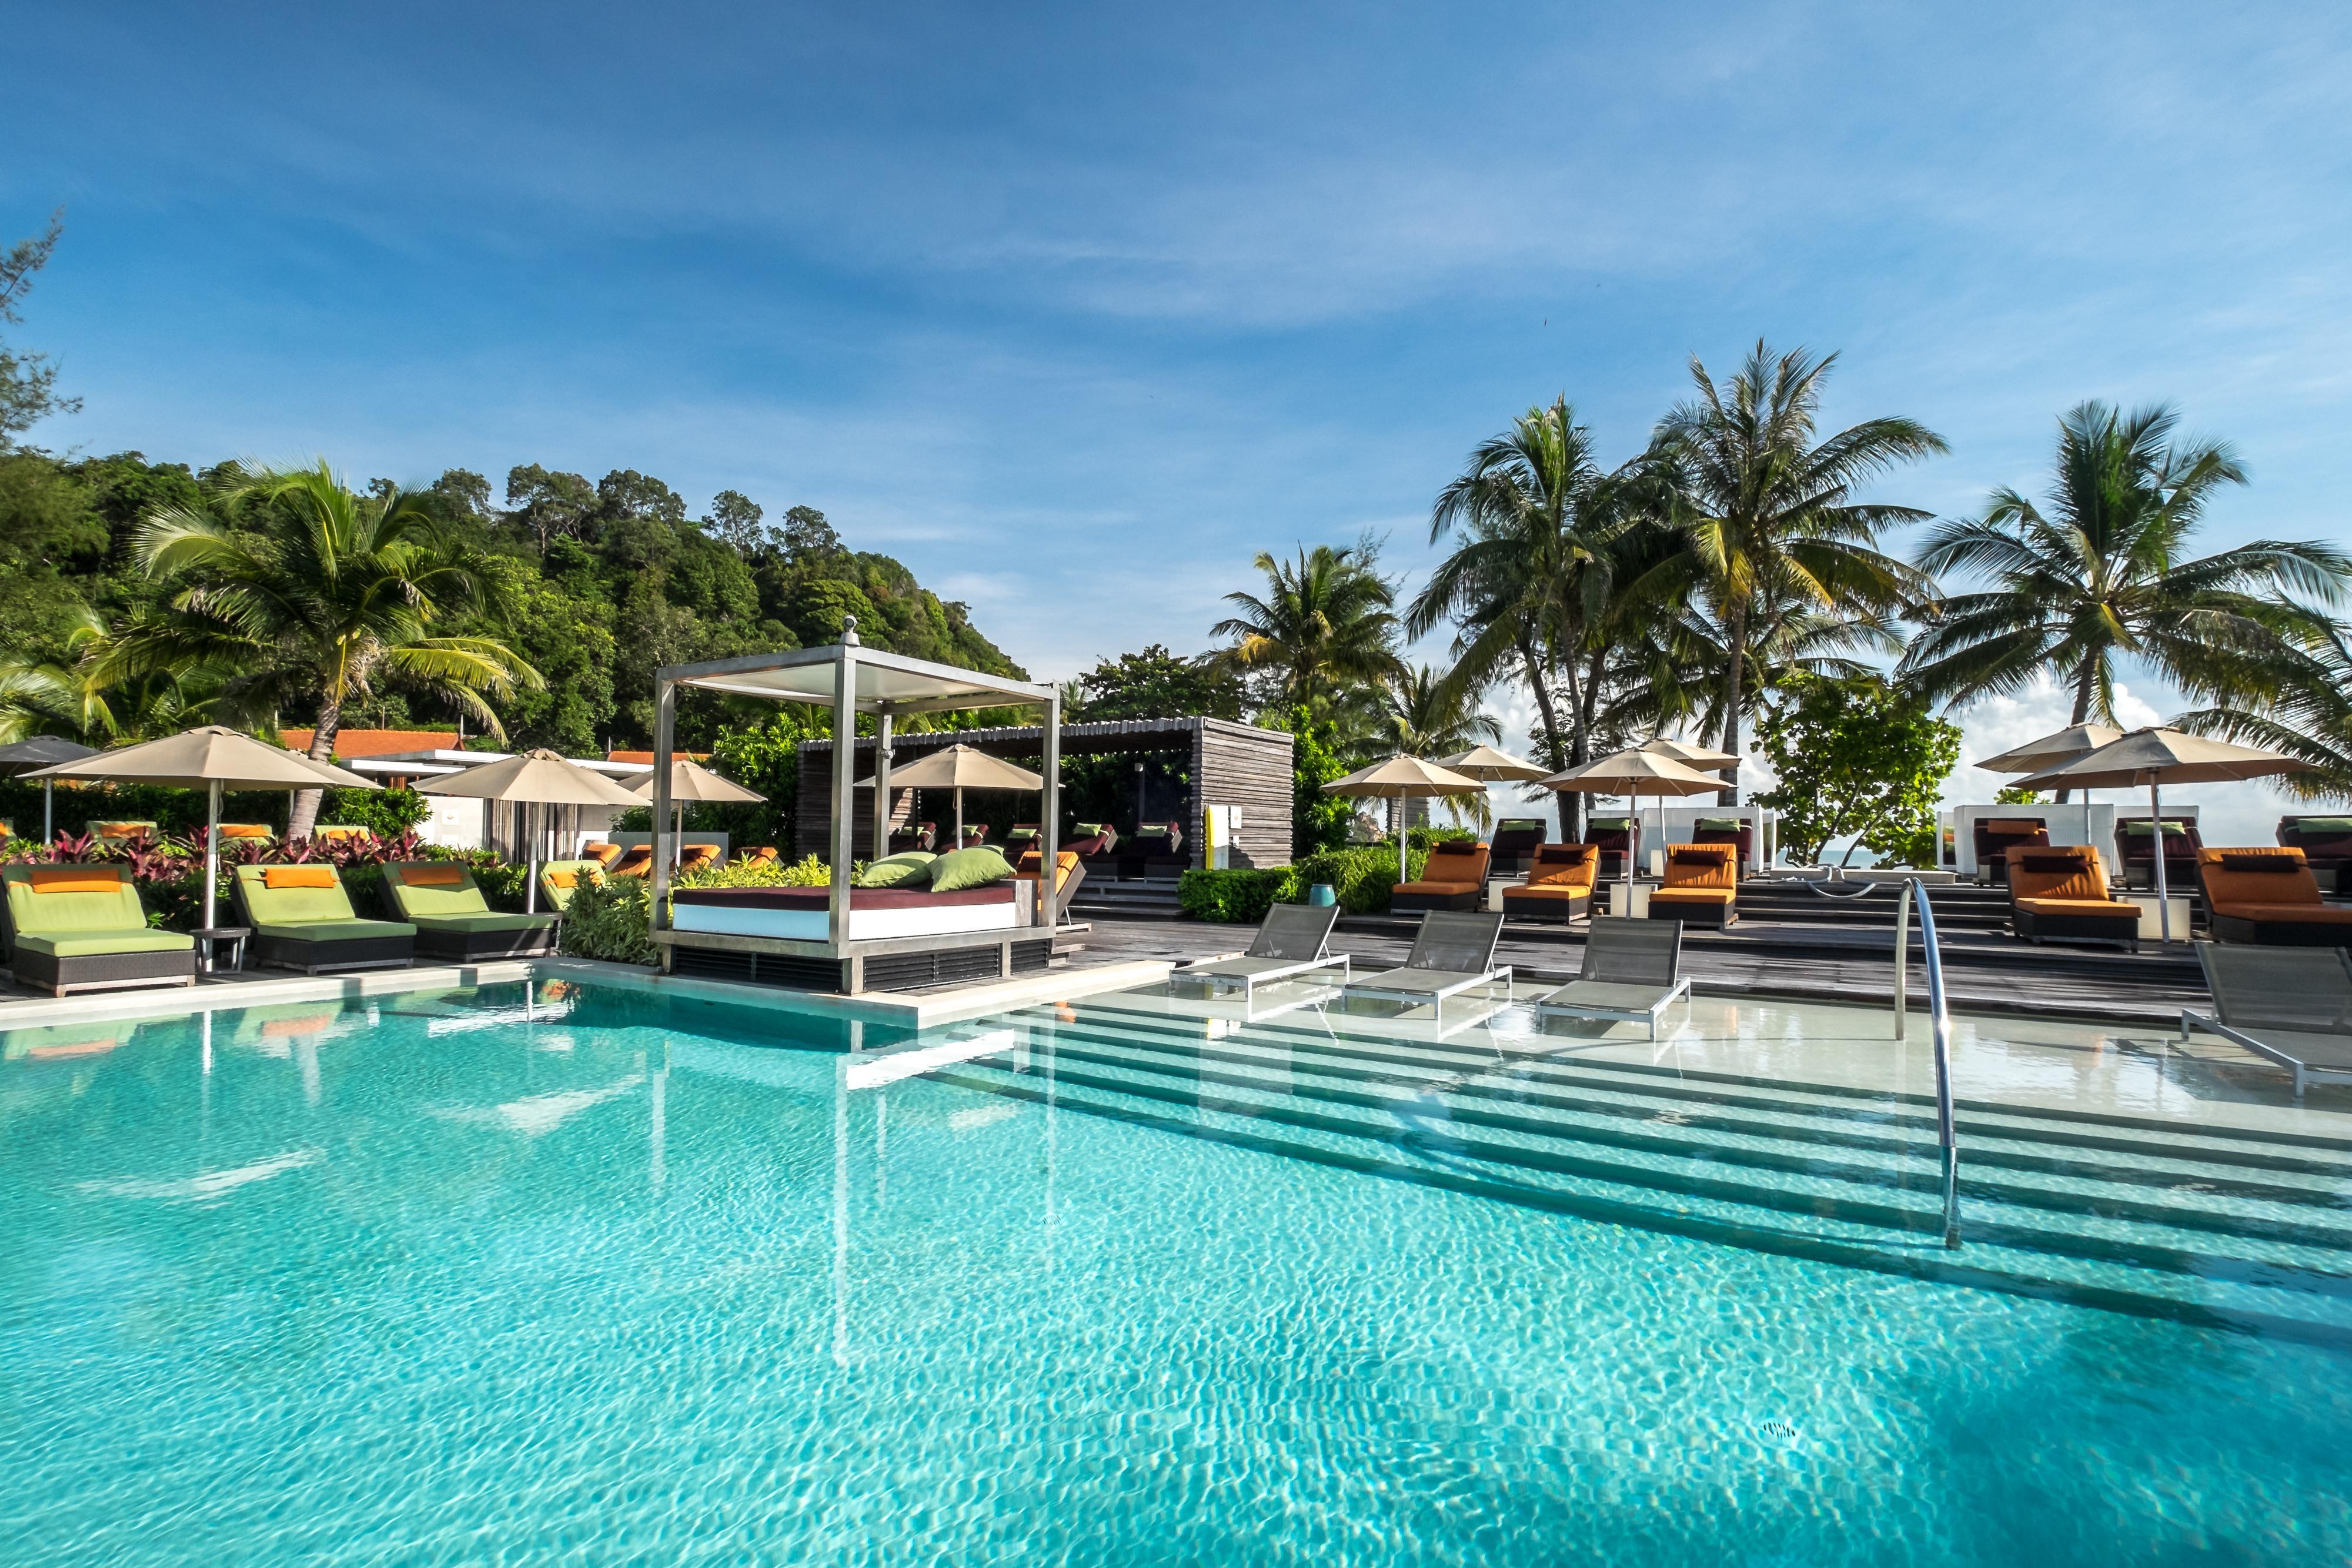 想體驗Club Med馬來西亞珍拉汀灣度假村的無邊際成人靜池?6月23日起至8月26日每五天一班4小時直飛包機帶您輕鬆前往。